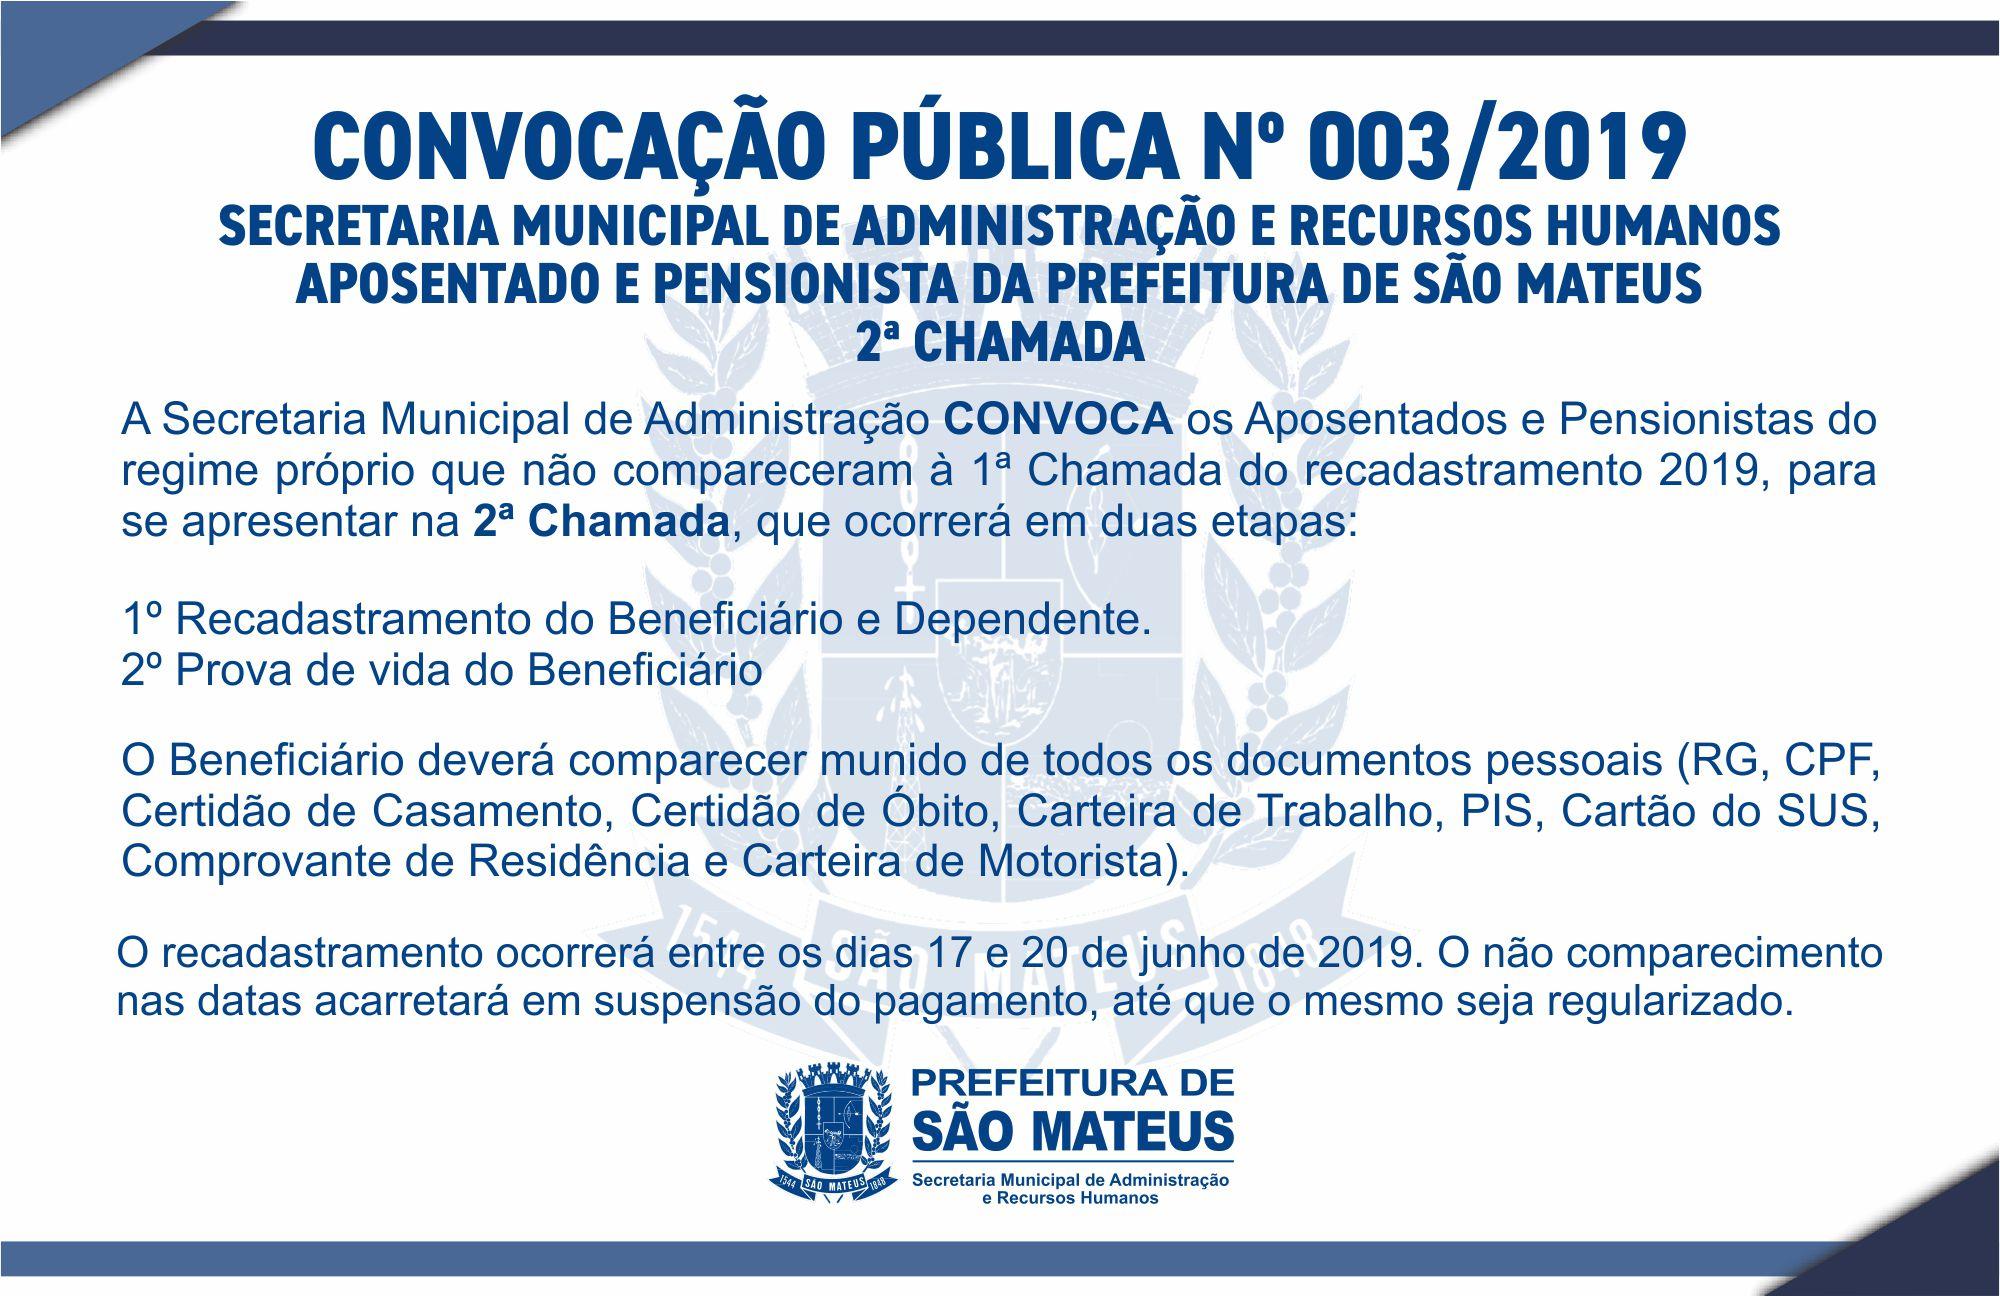 COMUNICADO – CONVOCAÇÃO DE APOSENTADOS E PENSIONISTAS (2ª CHAMADA)